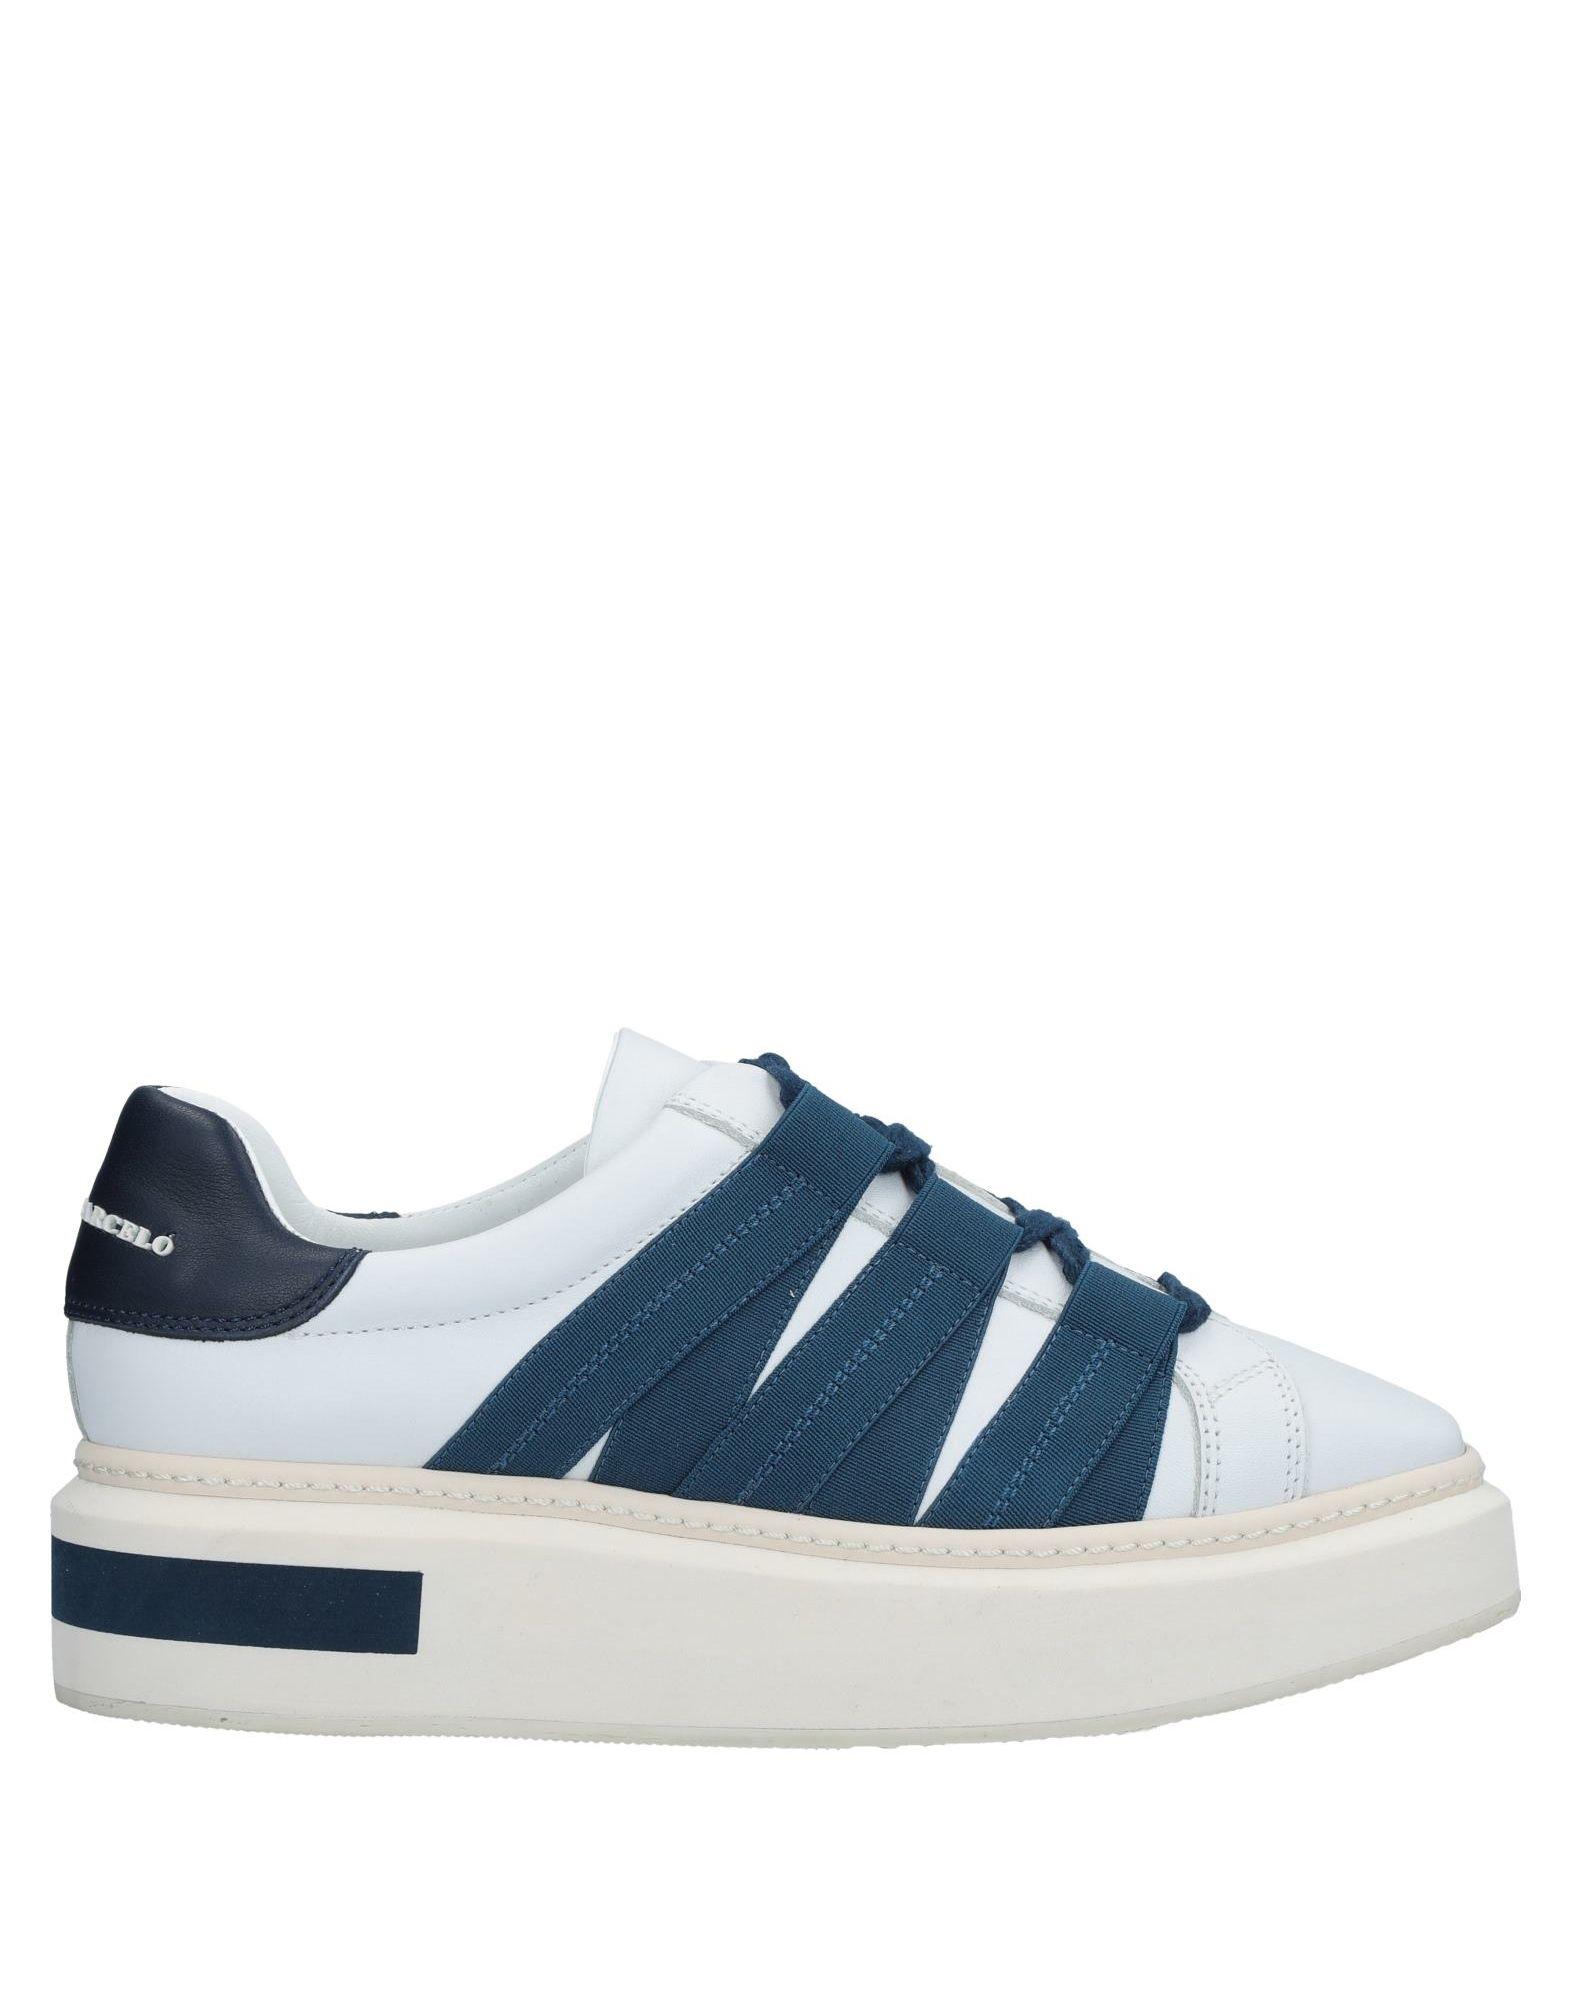 Sneakers Manuel Barceló 11332157EU Donna - 11332157EU Barceló 2bb46a